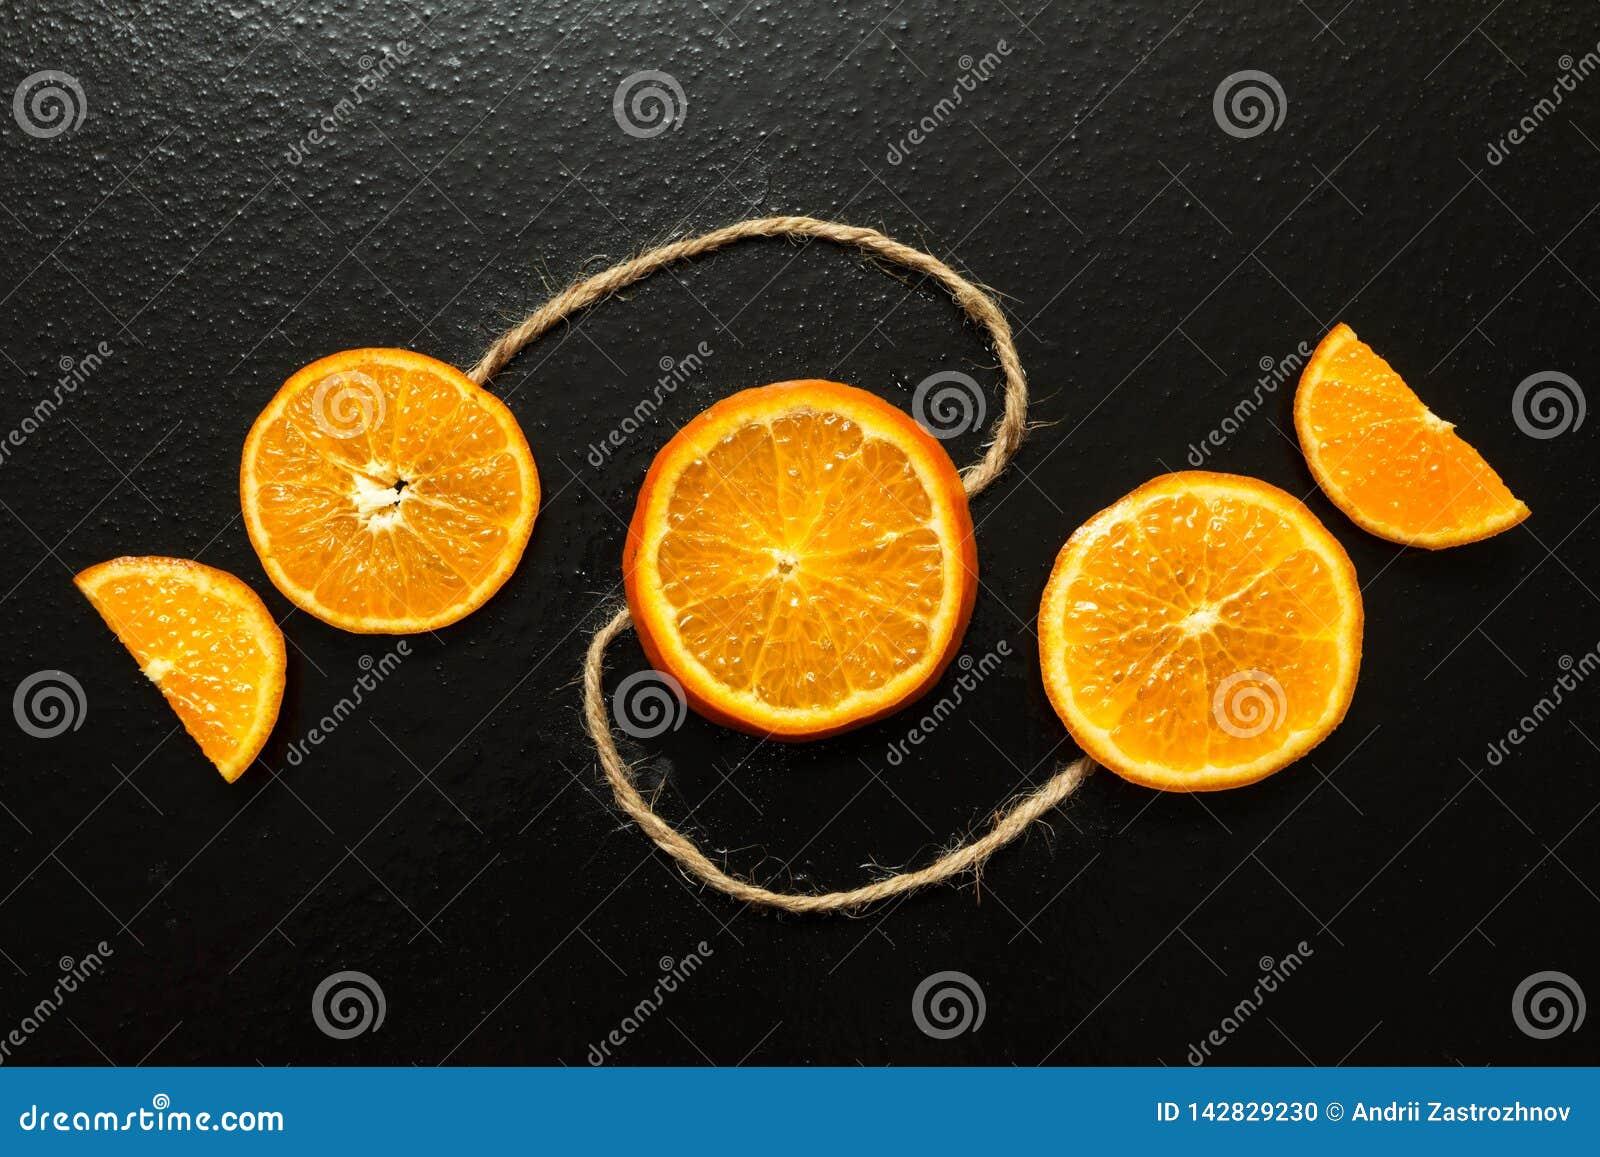 Fatias de laranjas em um fundo preto